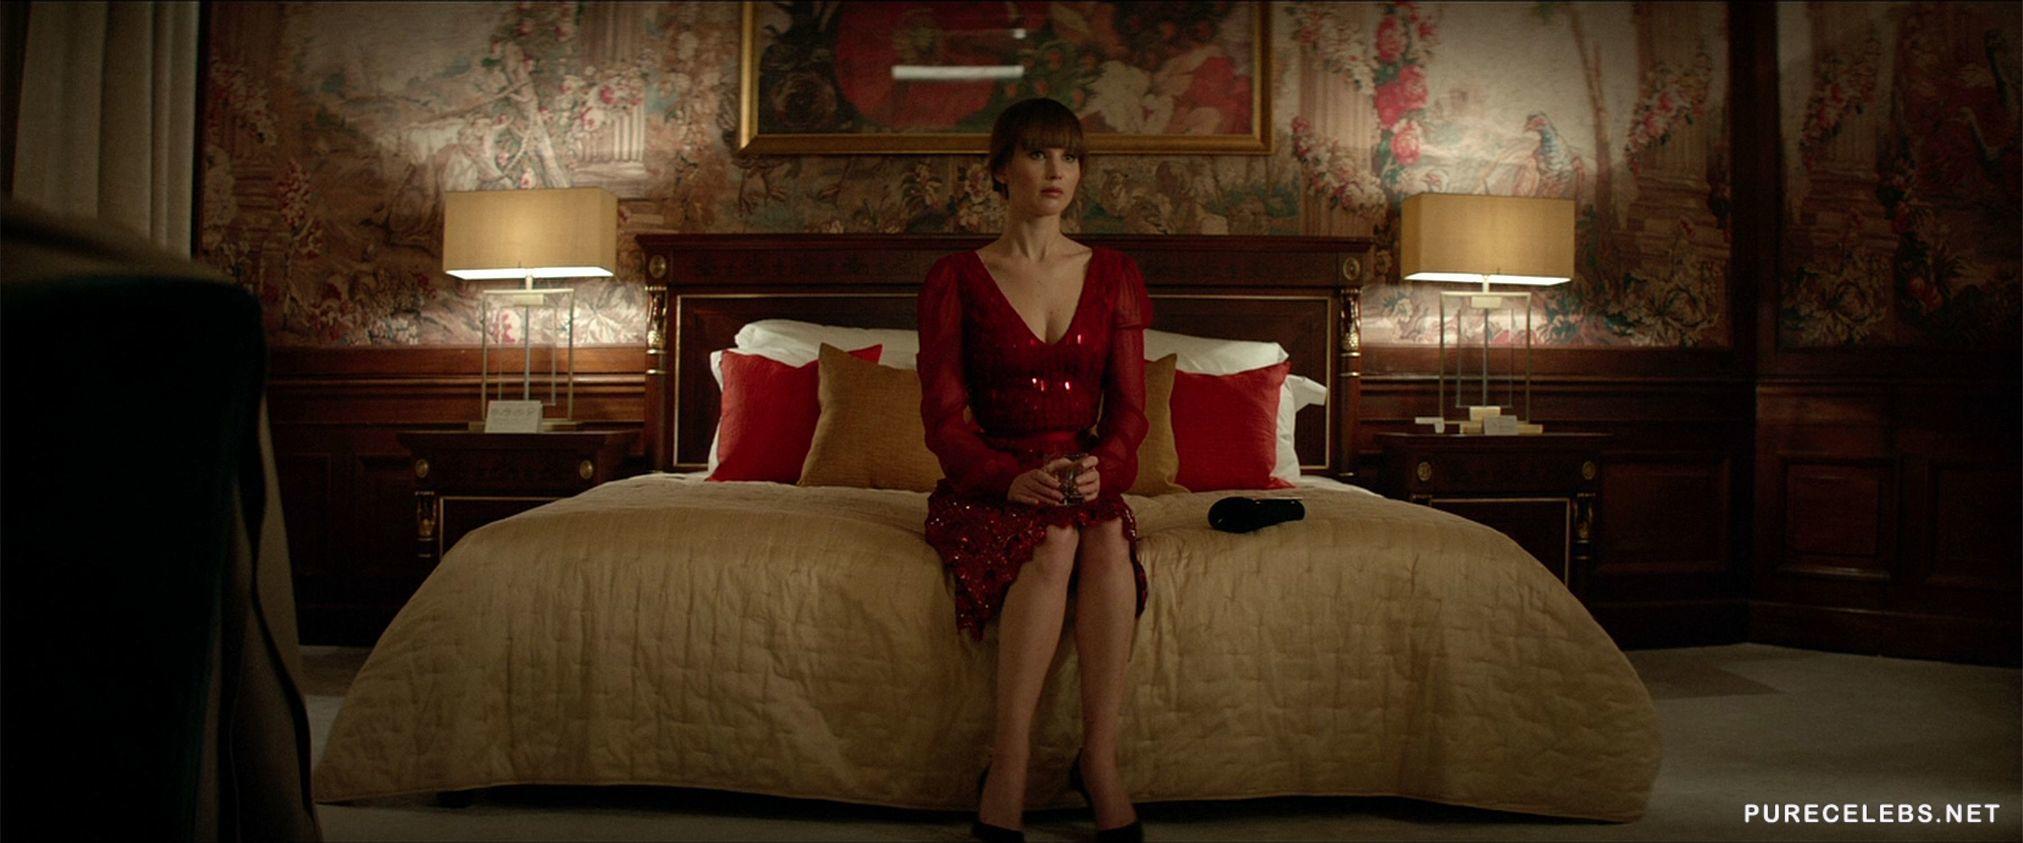 Jennifer Lawrence :: Celebrity Movie Archive